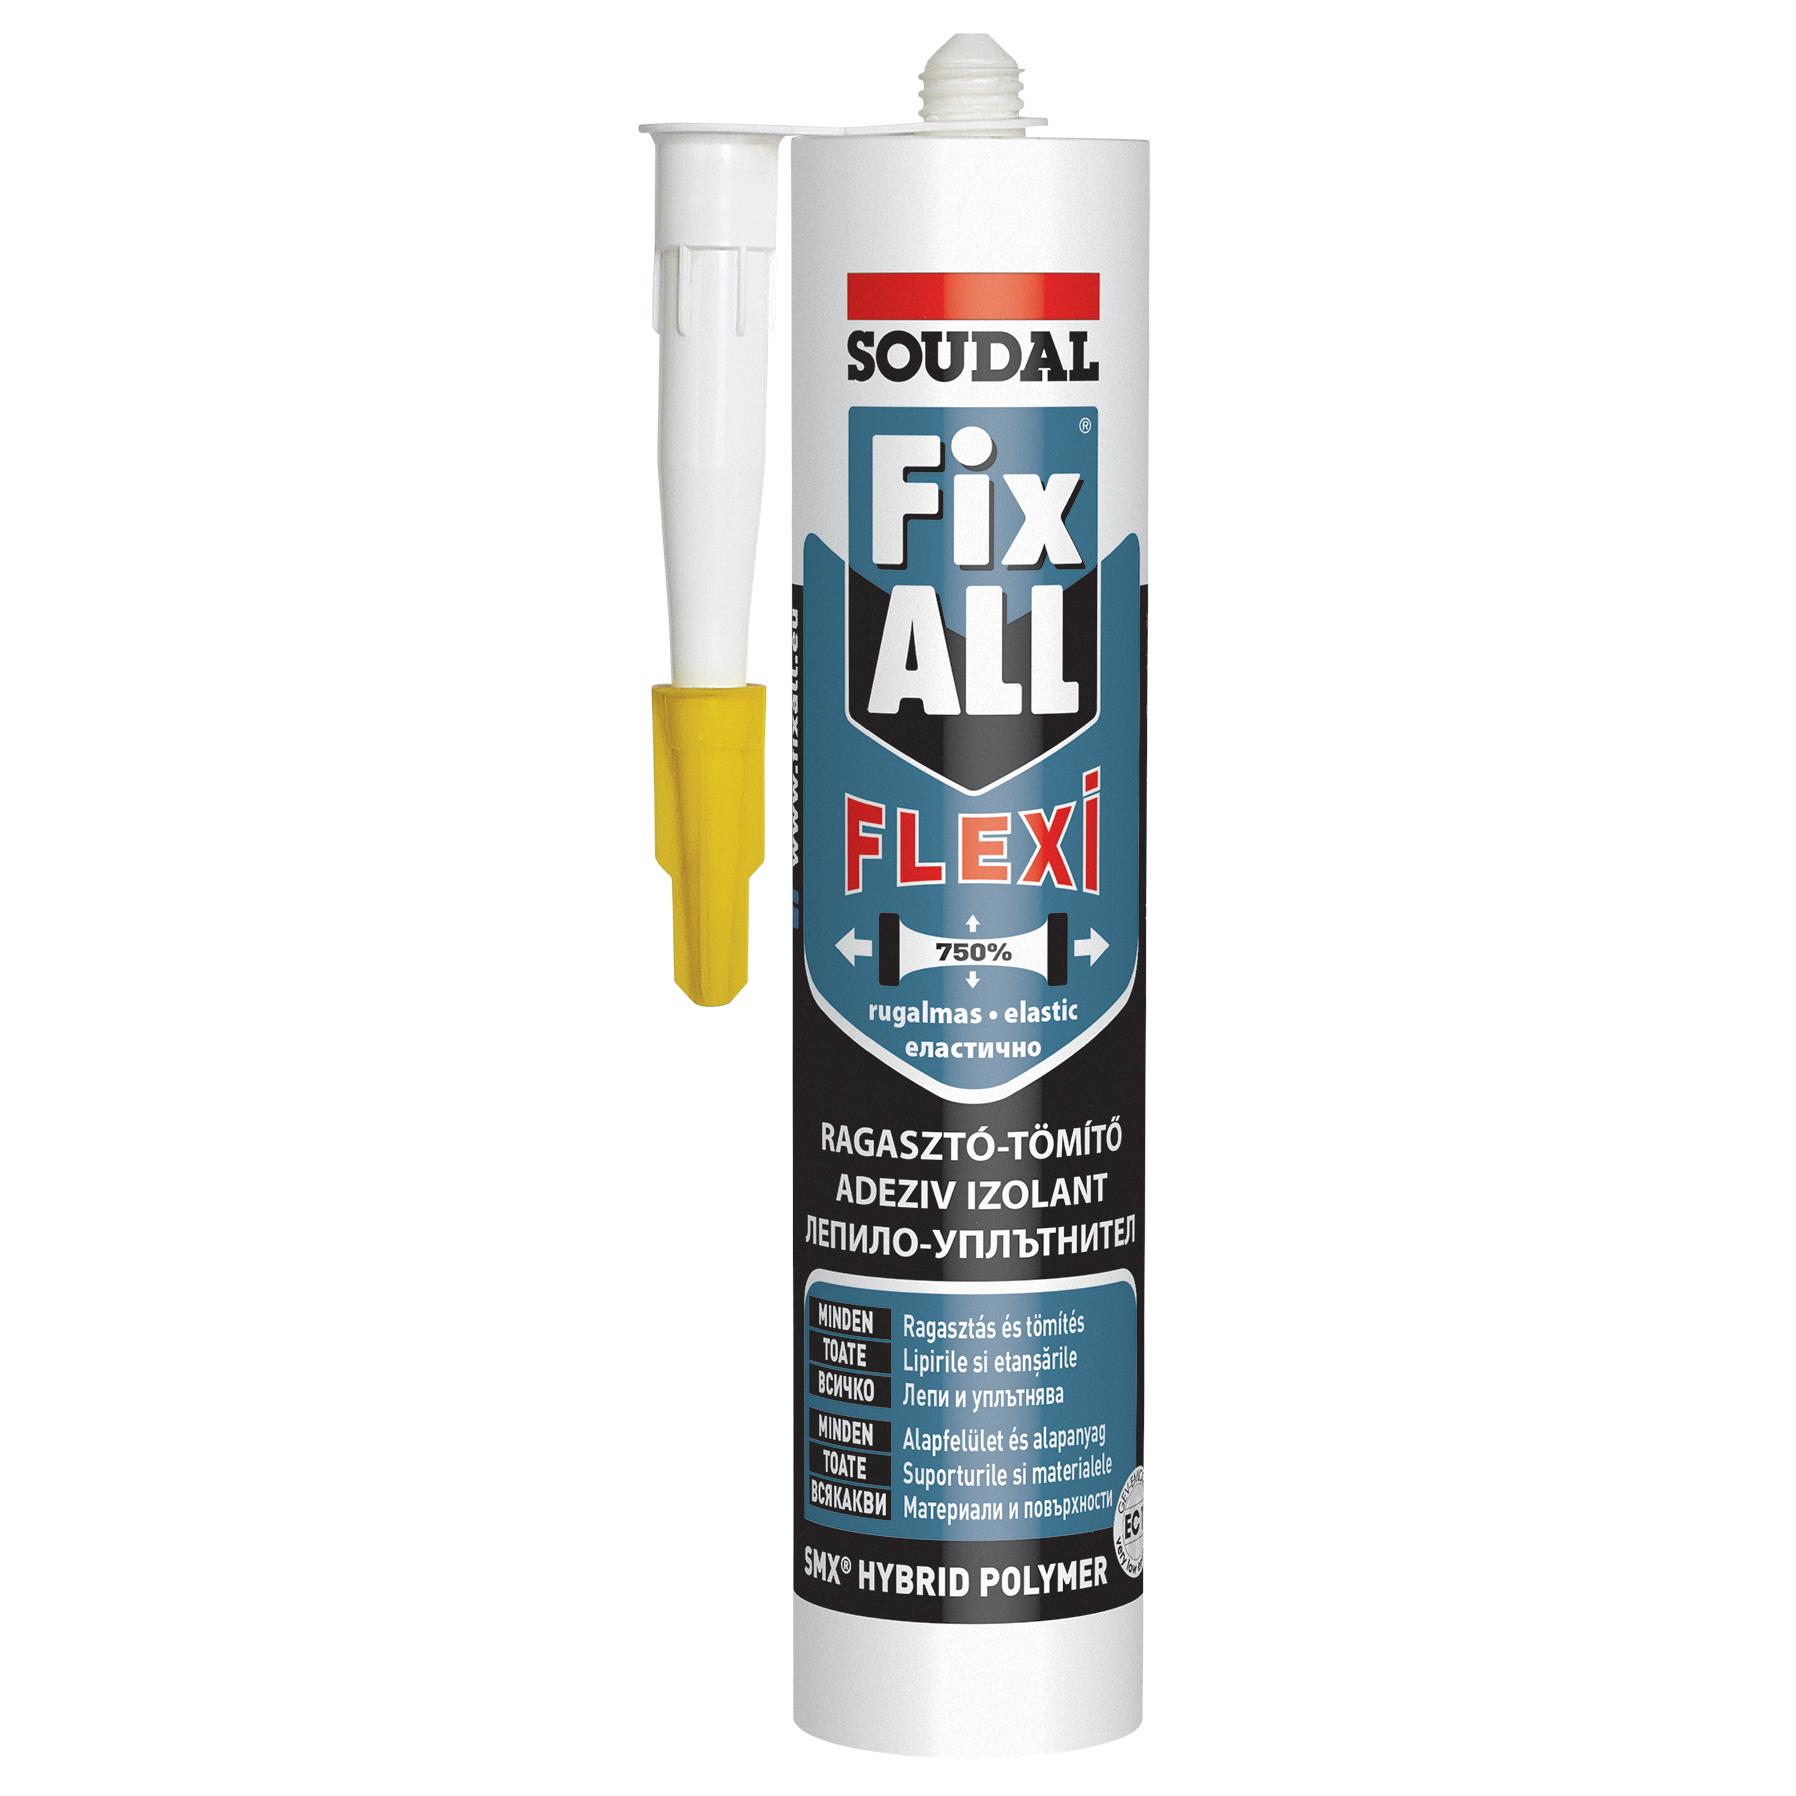 Adeziv Soudal Fix All Flexi, negru, 290 ml mathaus 2021